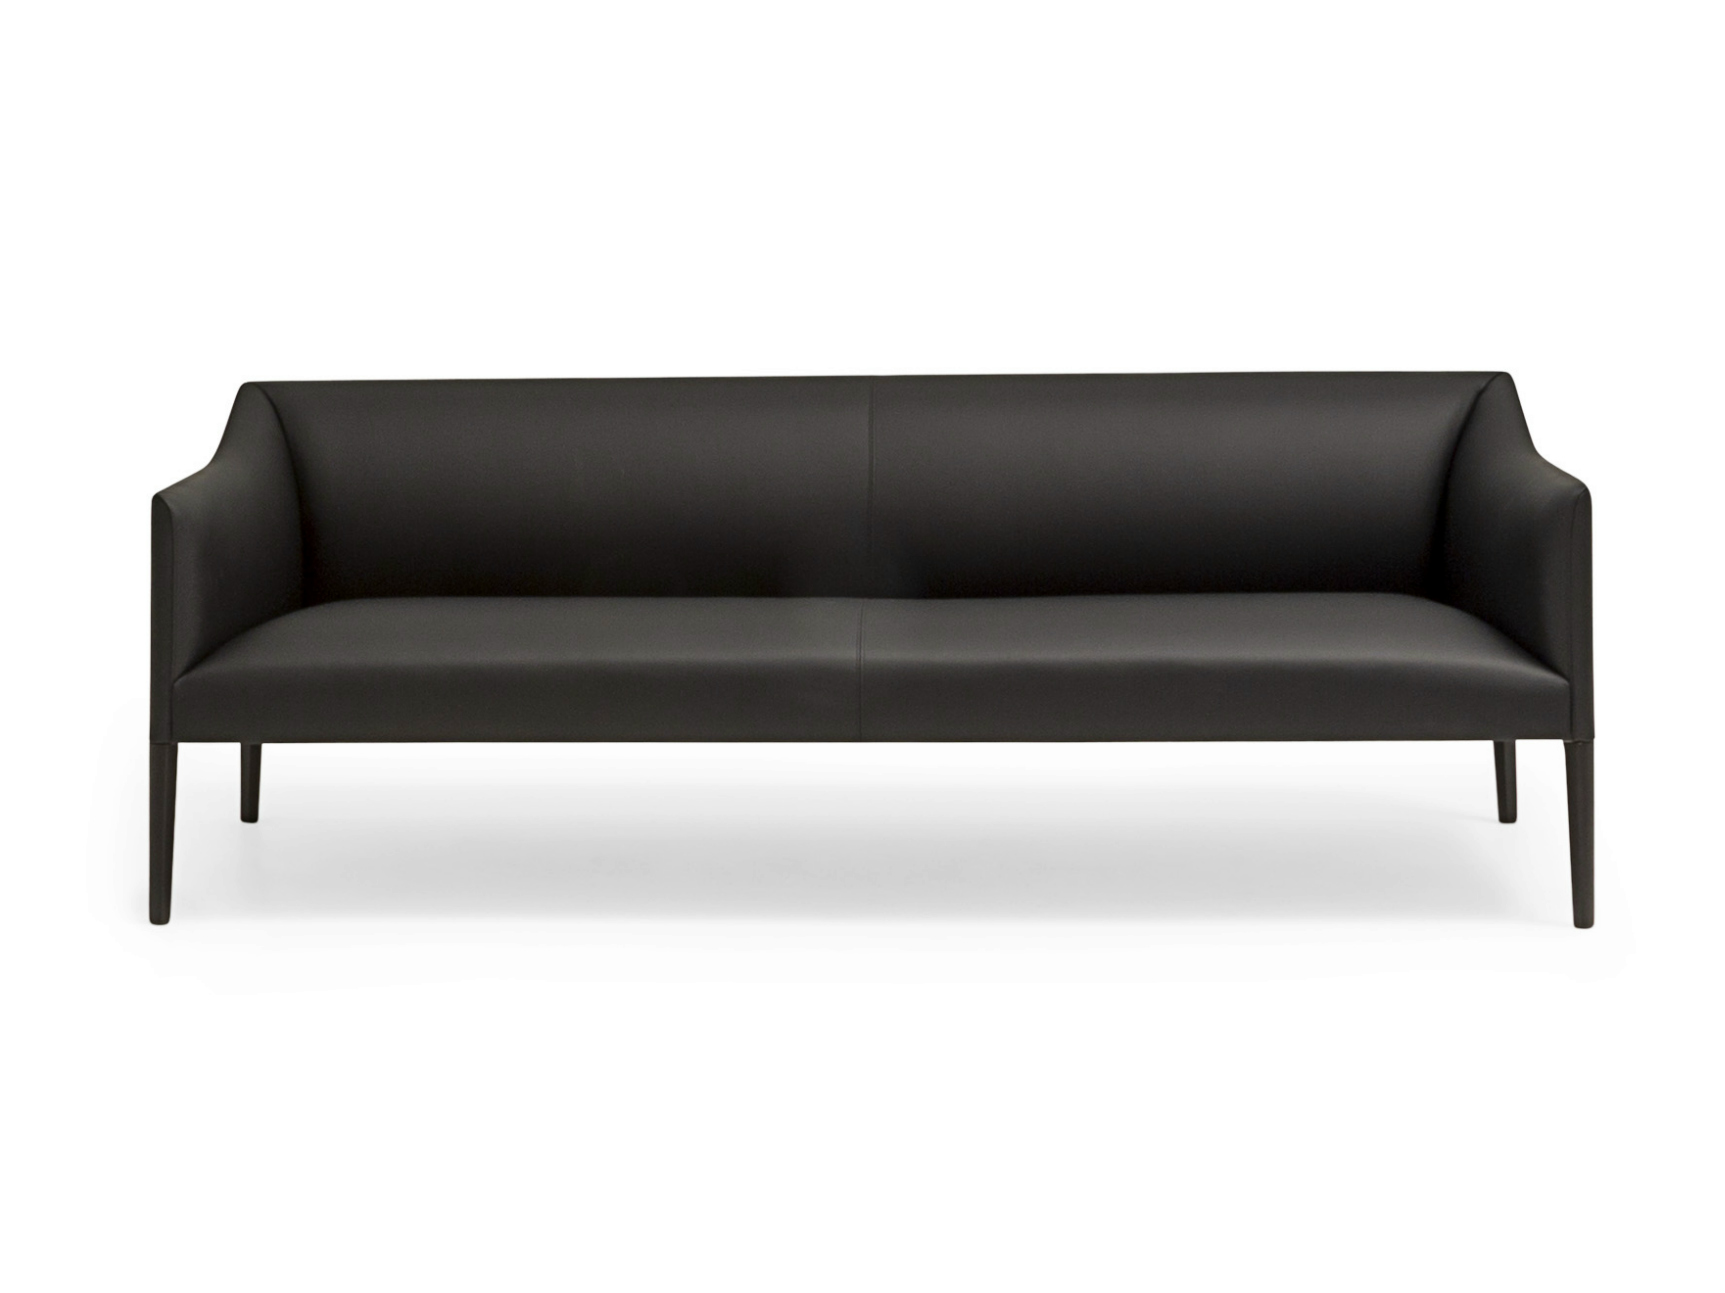 Couve Sofa by Piergiorgio Cazzaniga for Andreu World